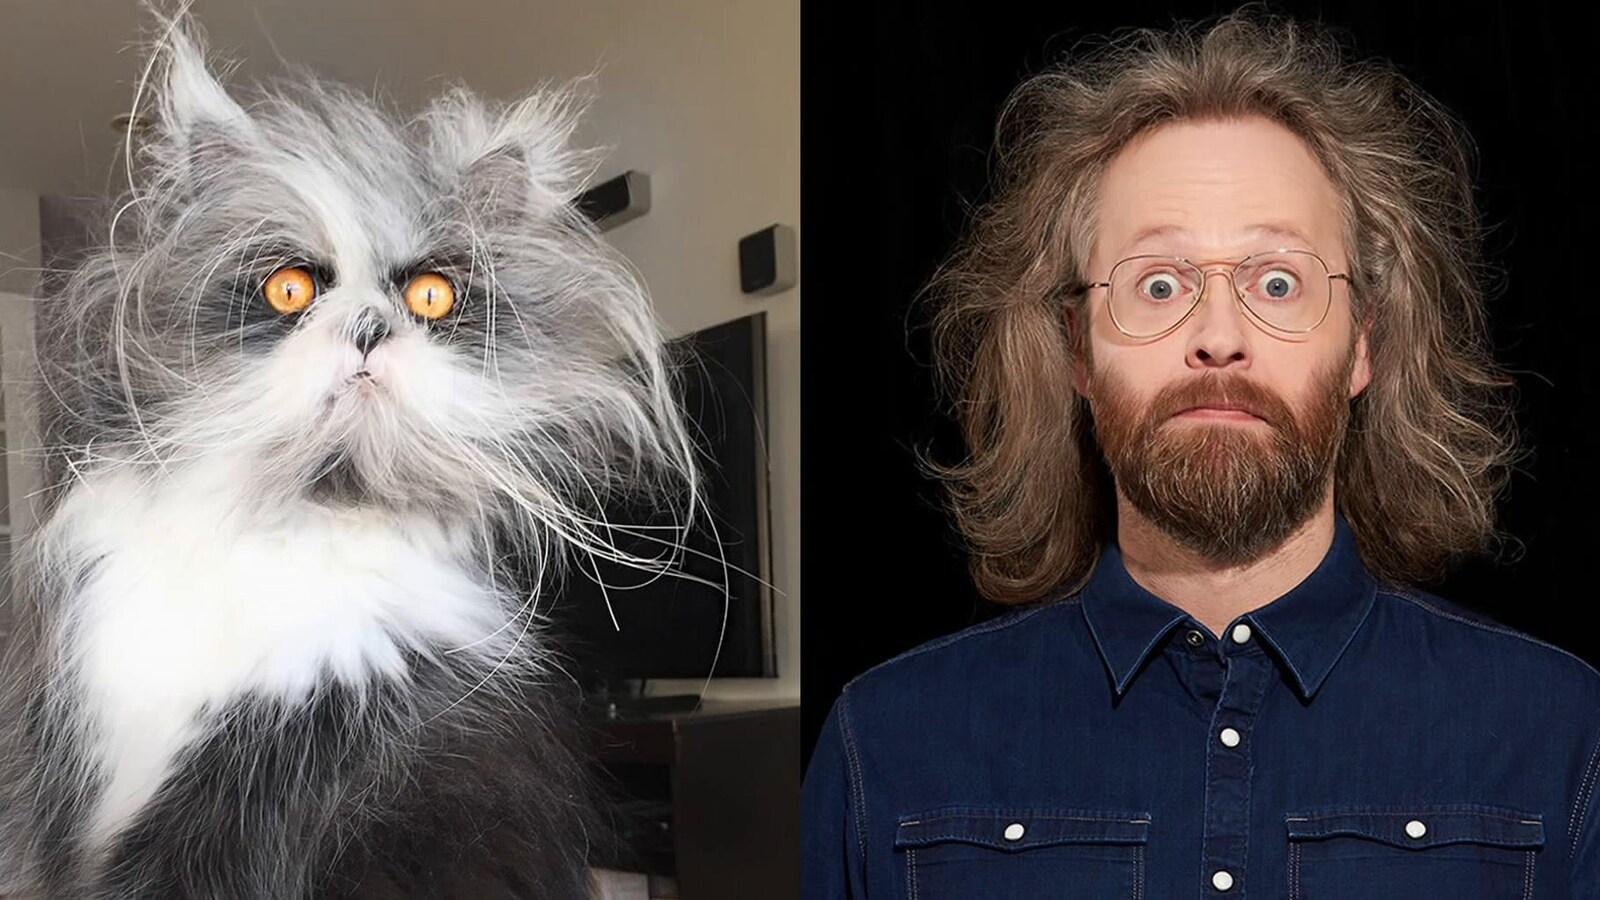 Le chat Atchoum affiche un poil hirsute et des yeux étonnés, qui ne sont pas sans rappeler l'humoriste.